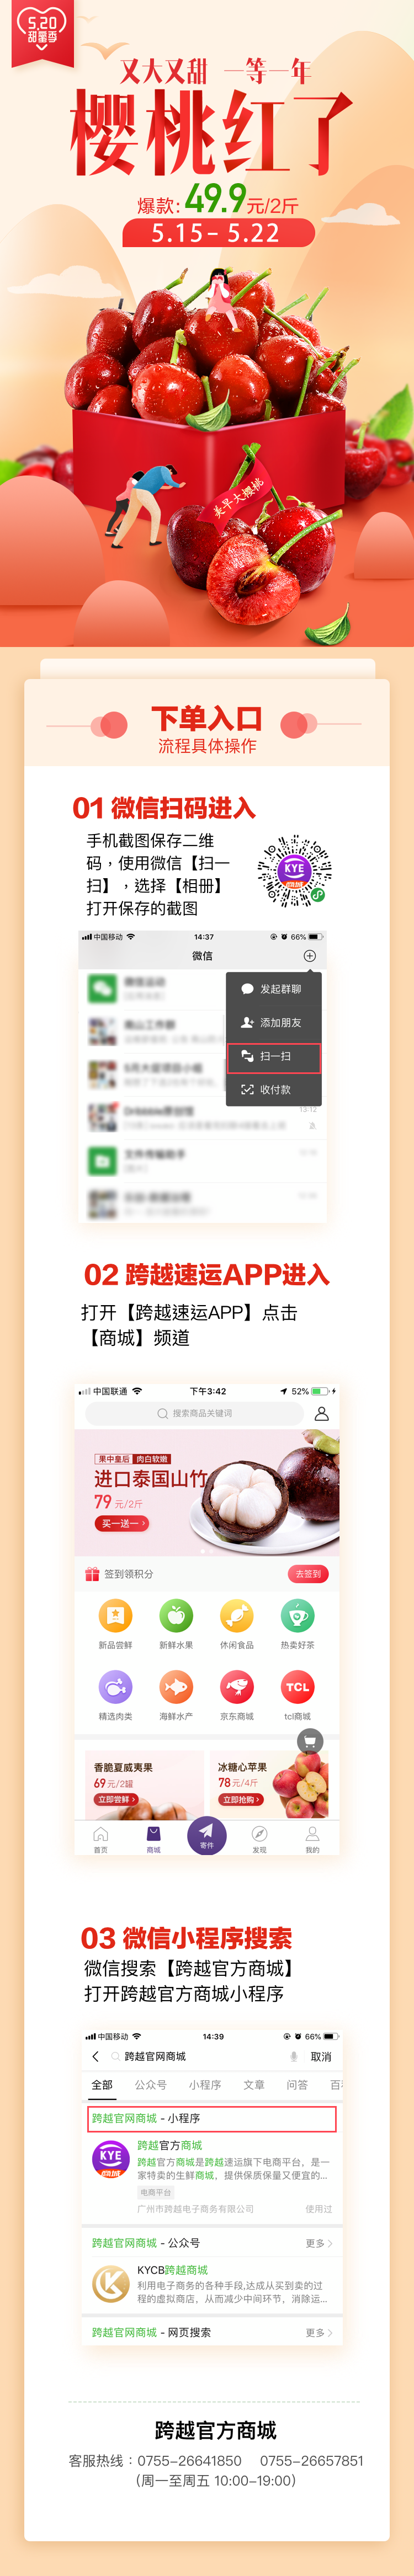 5月樱桃节内容页-最新版.png